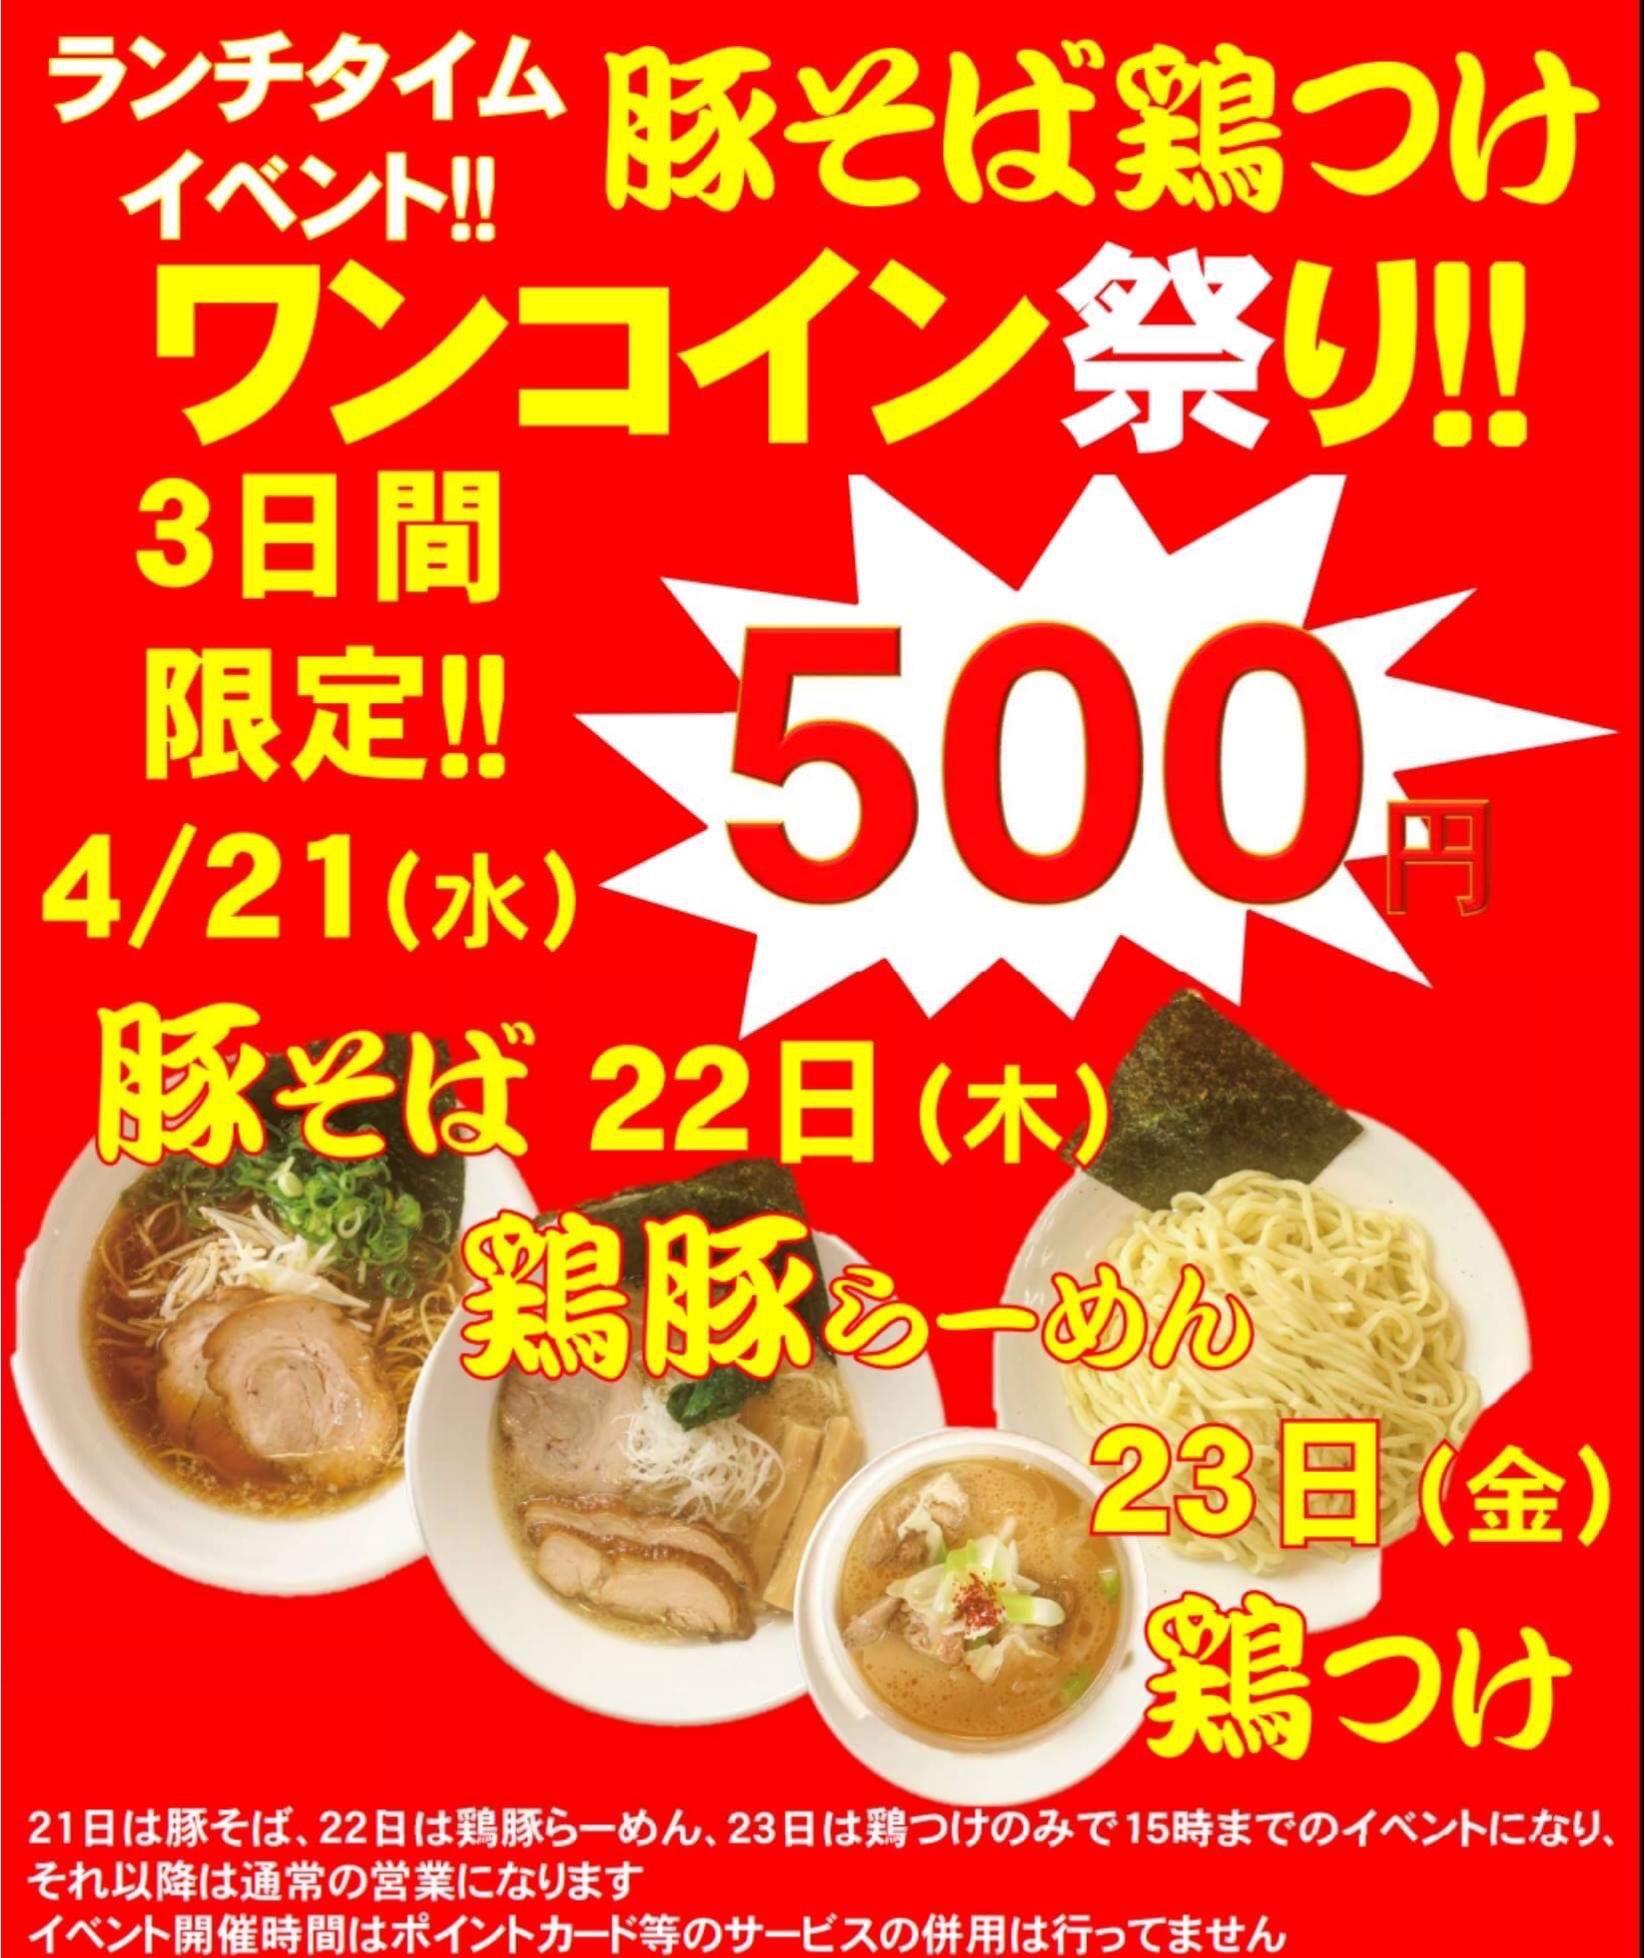 fc2blog_20210414130334eba.jpg